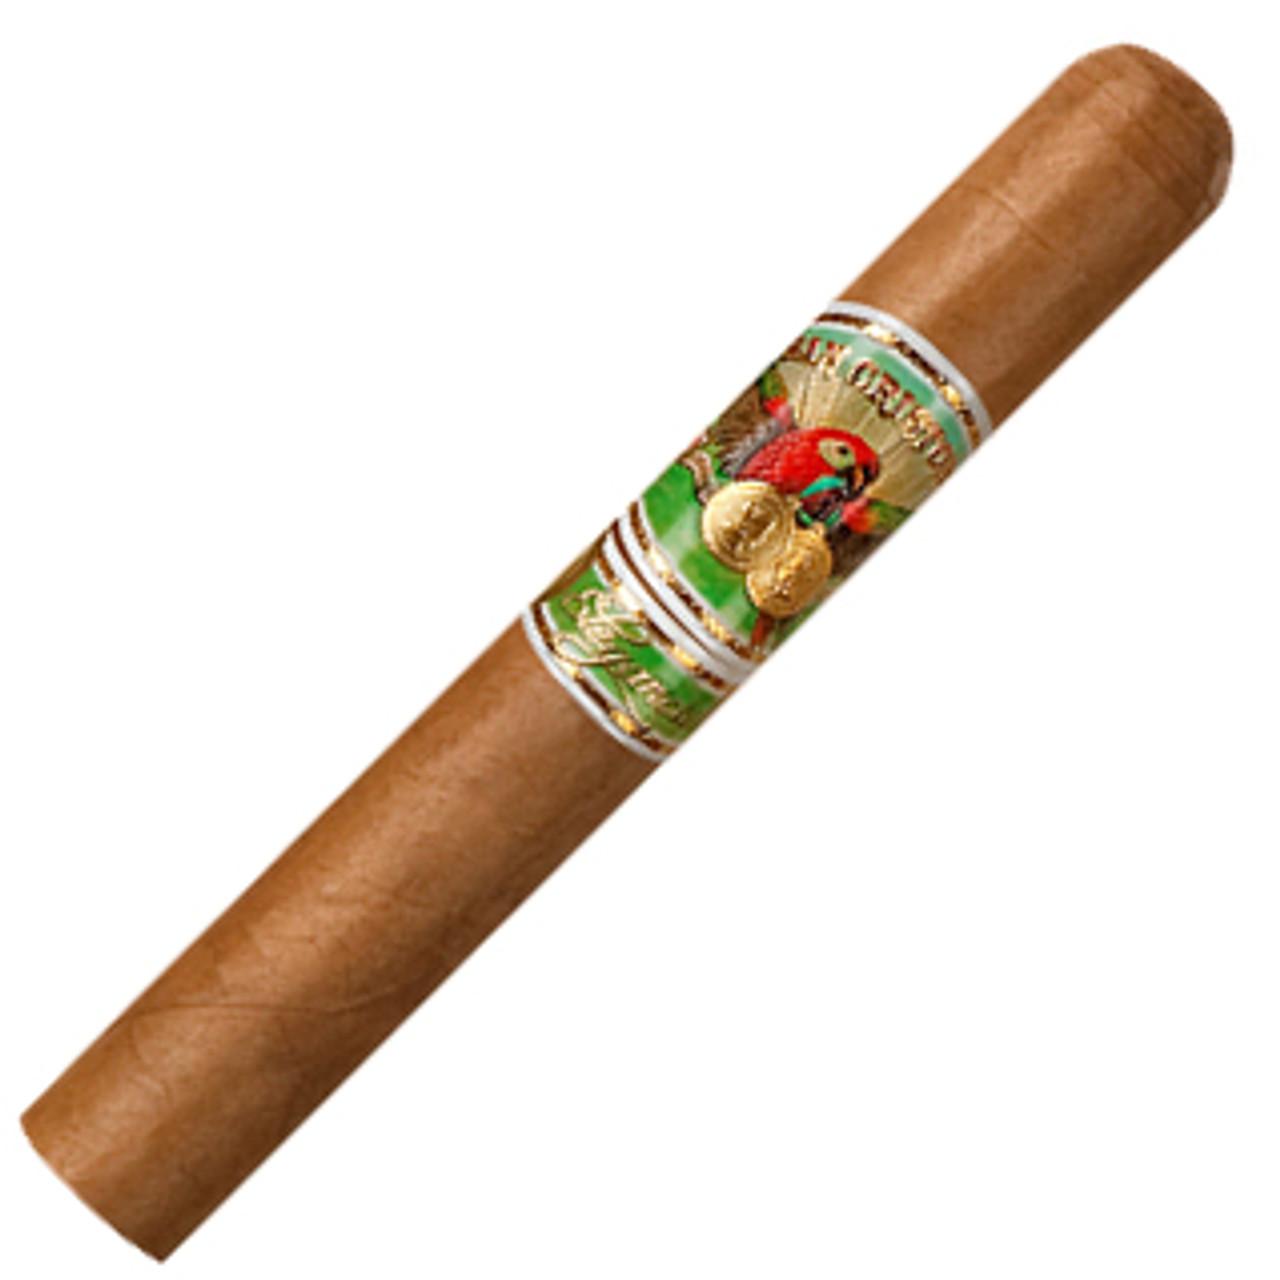 San Cristobal Elegancia Corona Cigars - 5.5 x 46 (Box of 25)